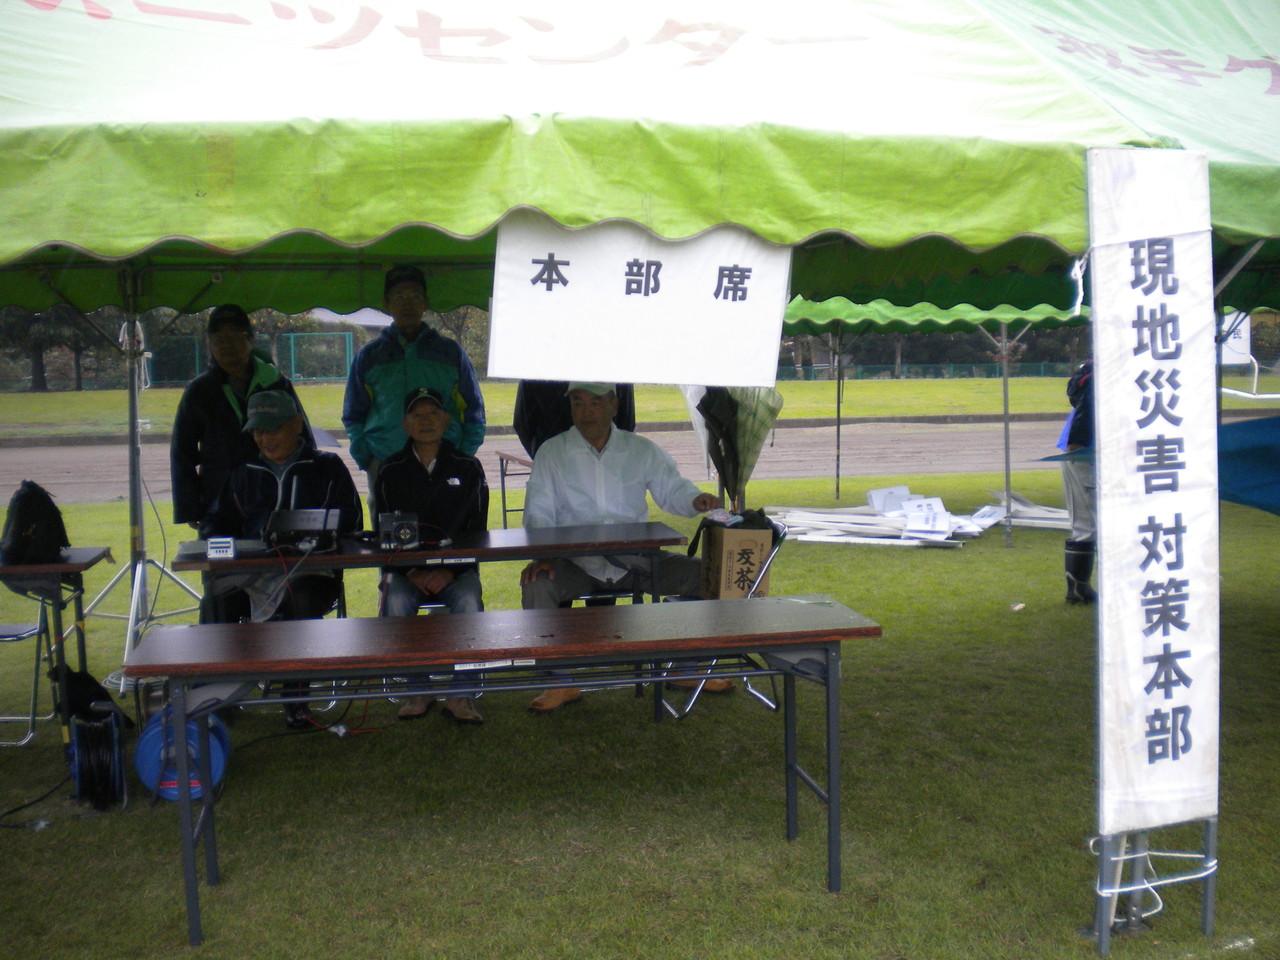 本部席役員、事務局が集まる前に設置完了、クラブのメンバーで記念写真撮影